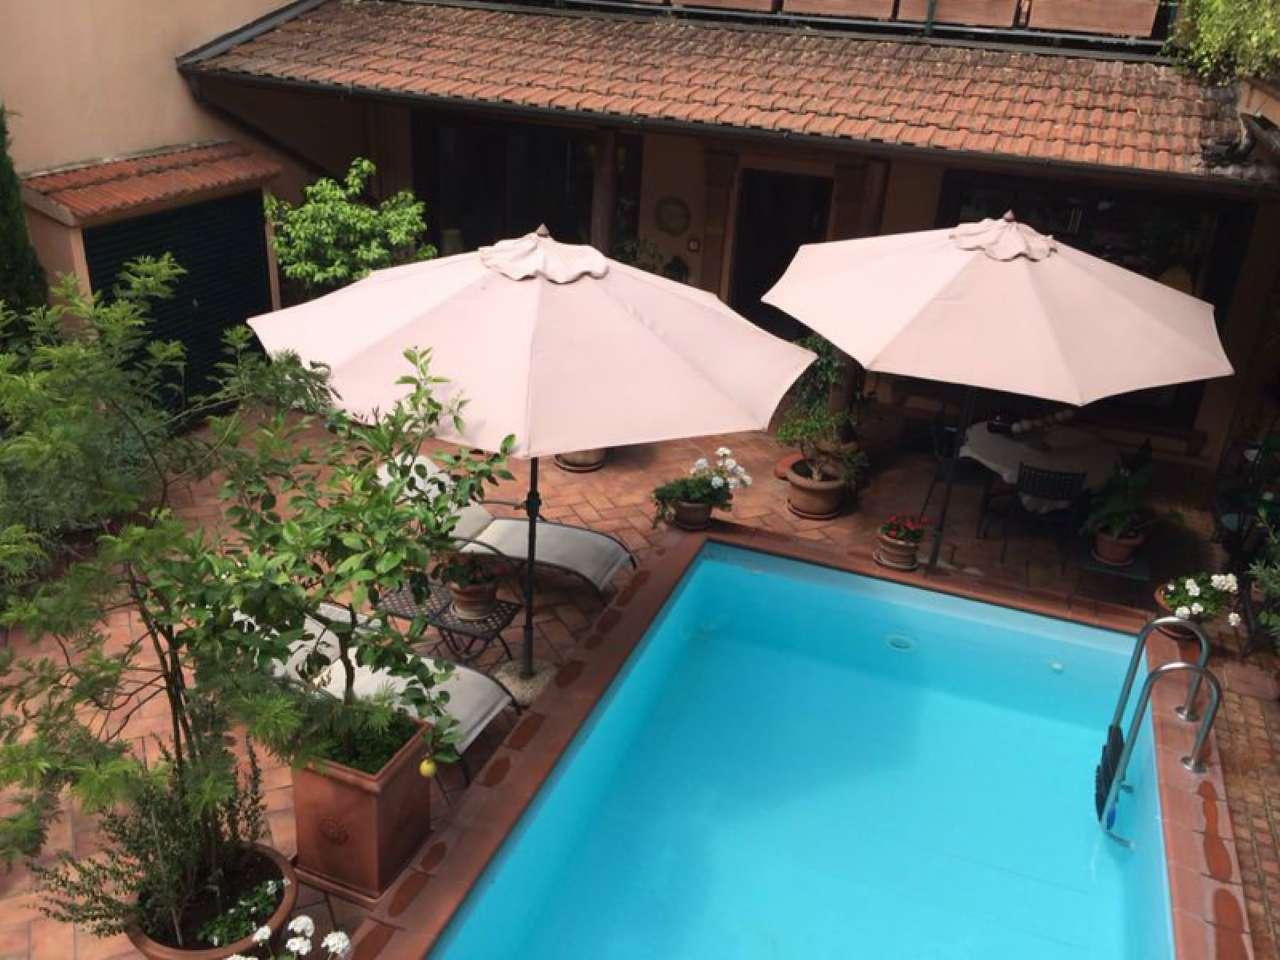 Milano - Porta Genova - Esclusiva proprietà con terrazzo e piscina, foto 0